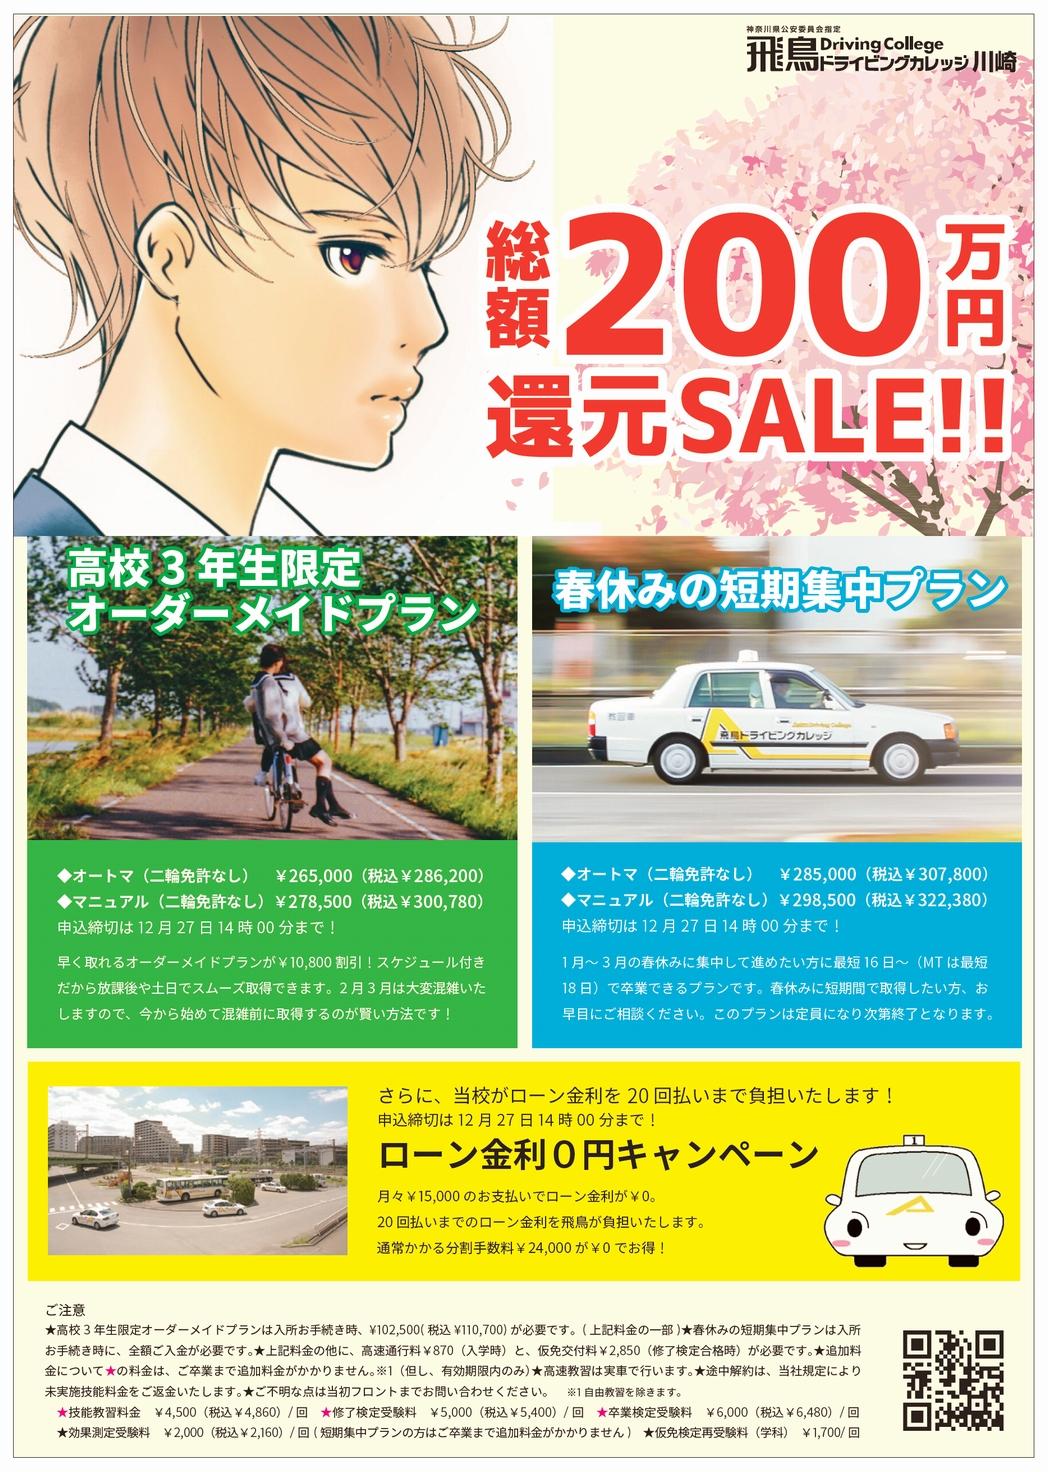 総額200万円